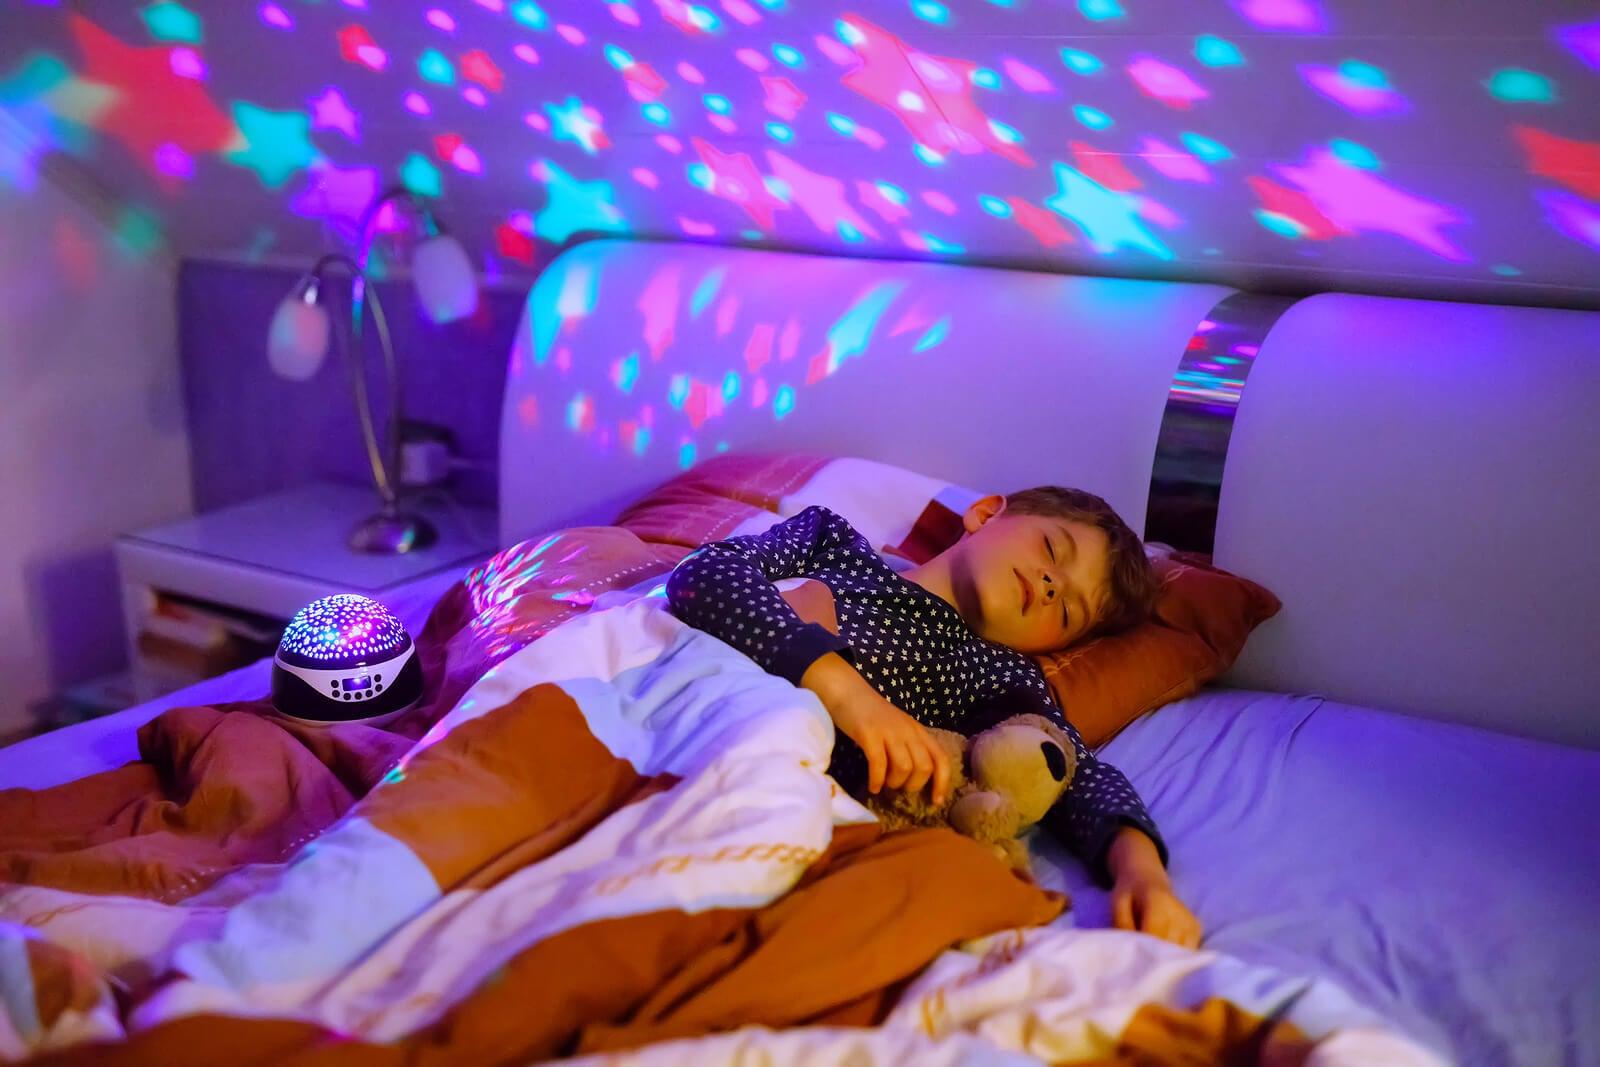 Niño durmiendo tranquilo con luz tenue y música relajante.